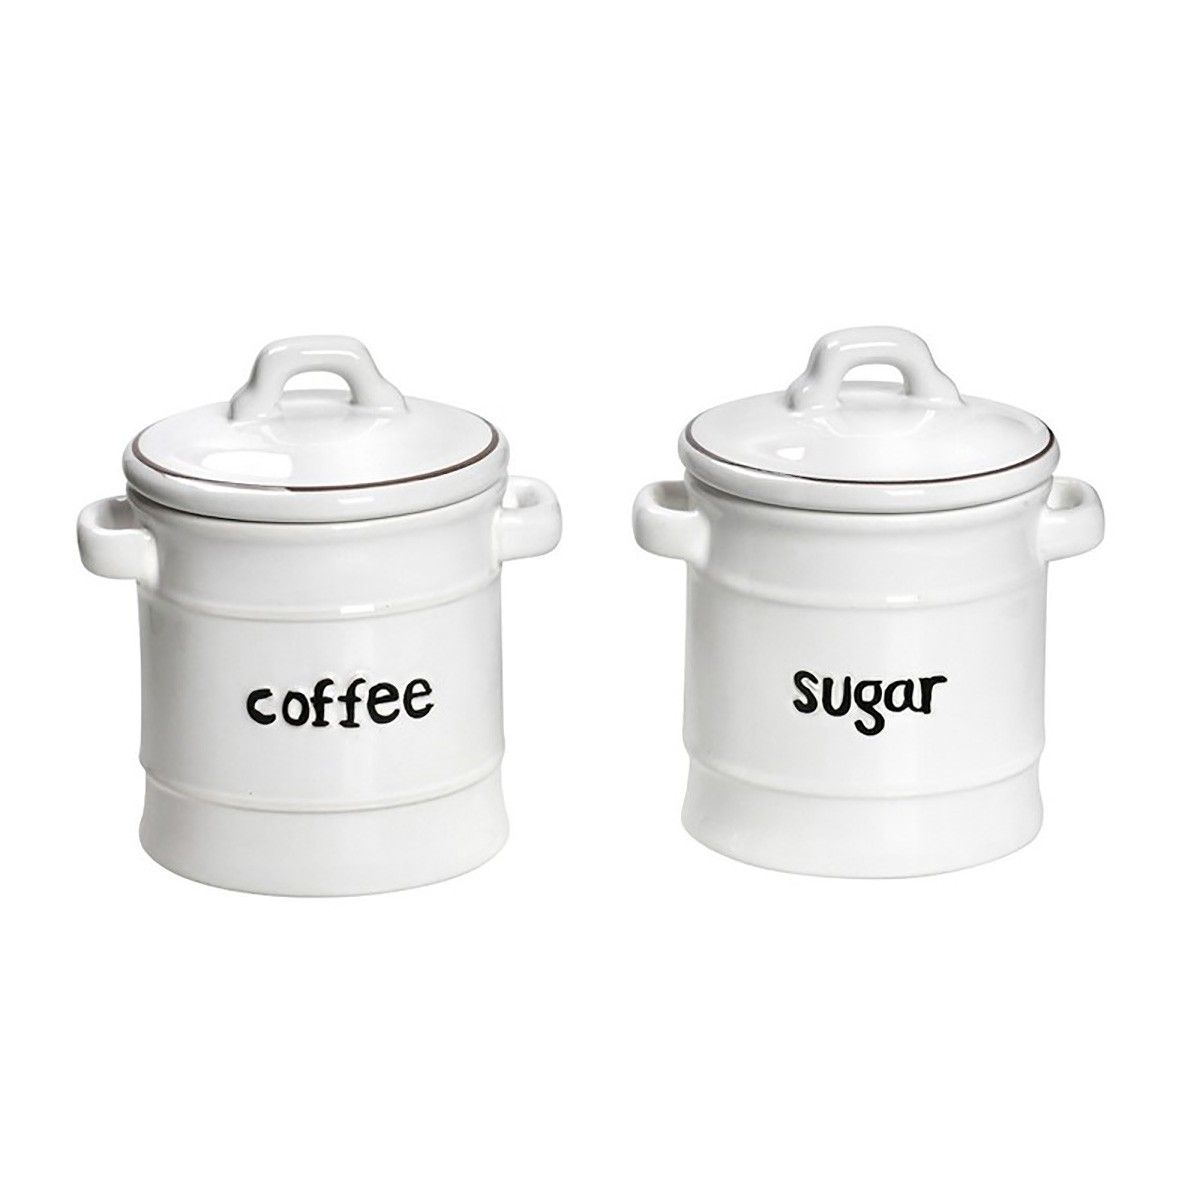 Δοχείο Ζάχαρης + Καφέ (Σετ) Espiel KAS104 home   κουζίνα   τραπεζαρία   βάζα κουζίνας